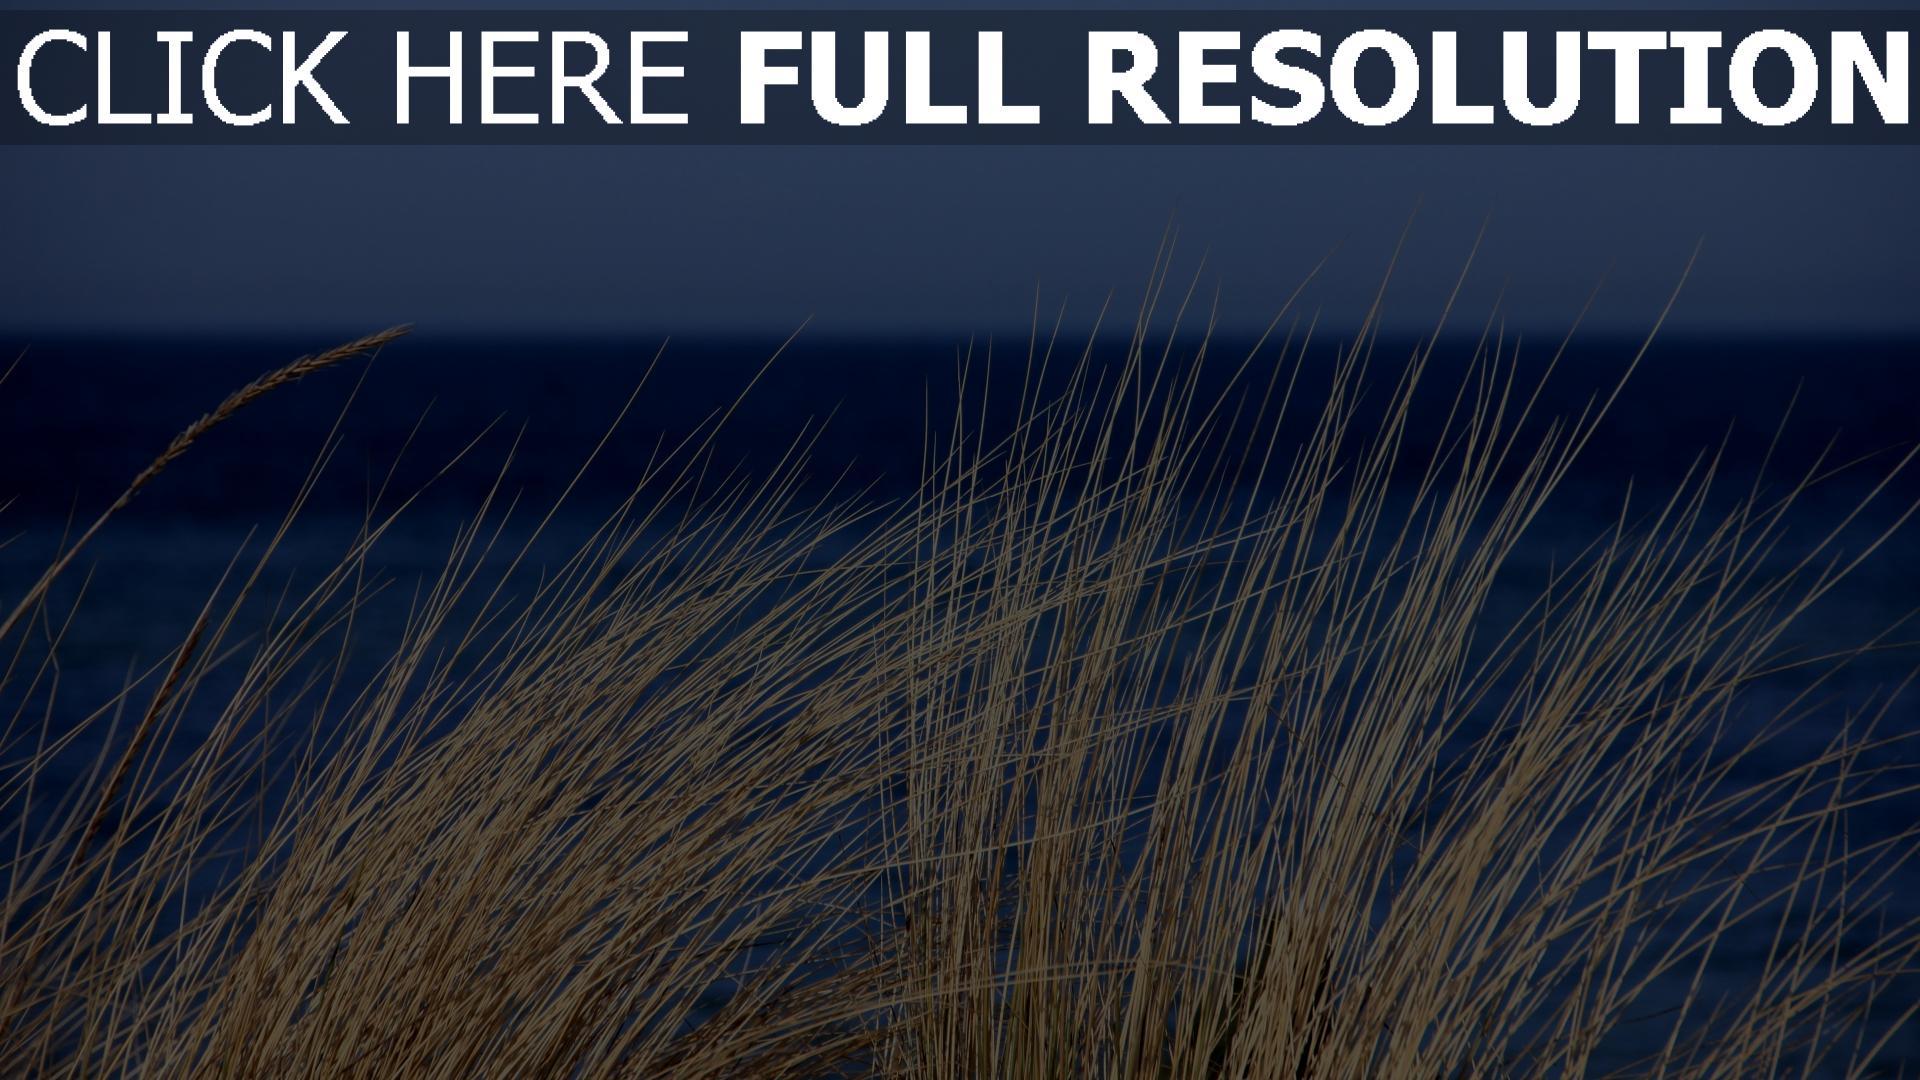 hd hintergrundbilder pflanze gras das meer wind 1920x1080